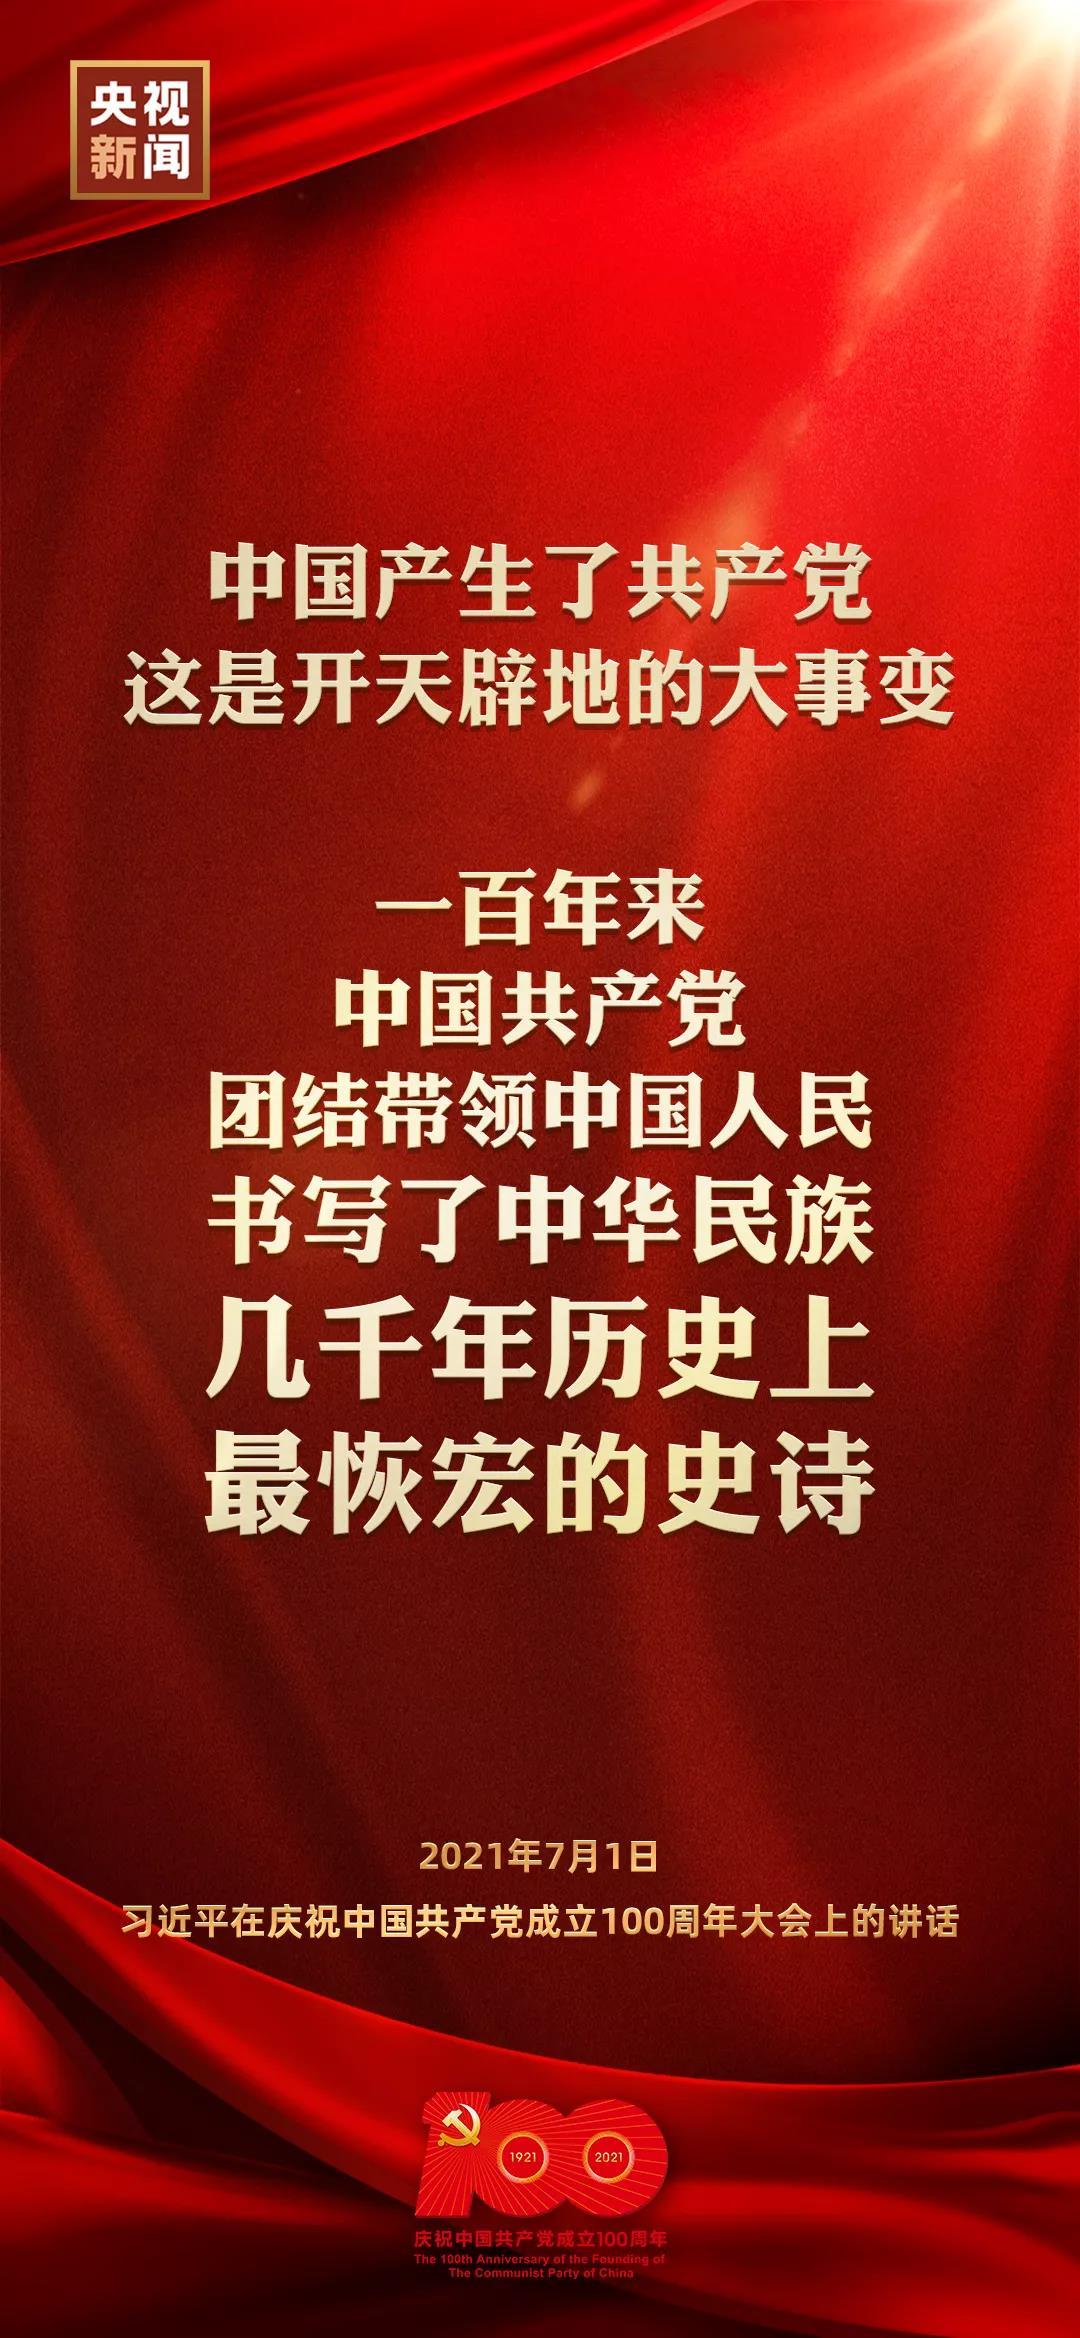 金句来了!习近平在庆祝中国共产党成立100周年大会上发表重要讲话